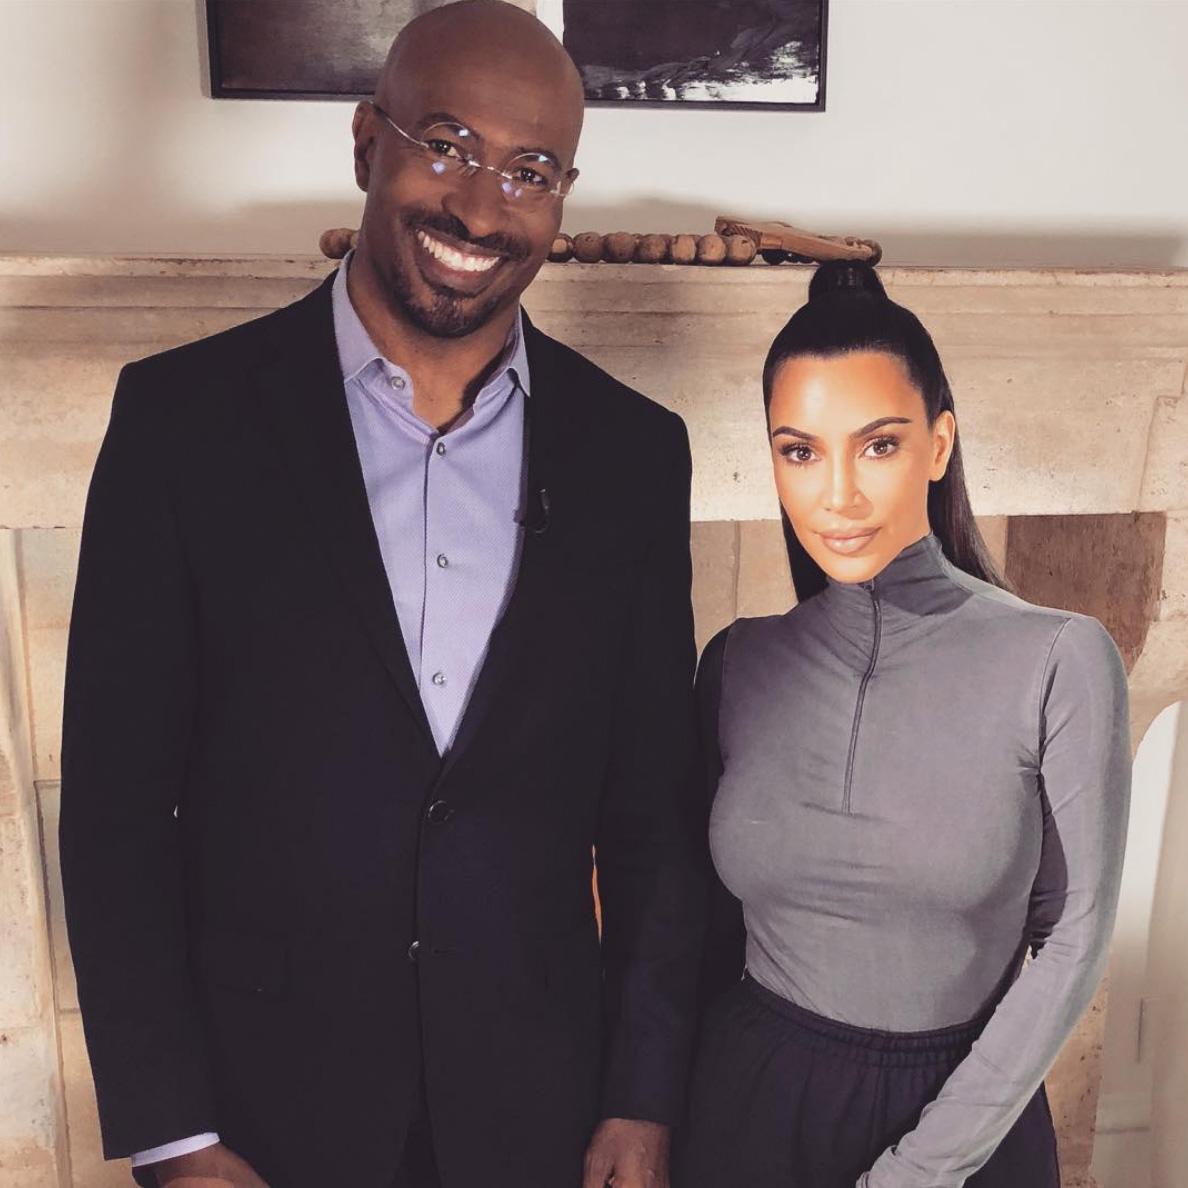 Van Jones og Kim Kardashian (Instagram/kimkardashian)